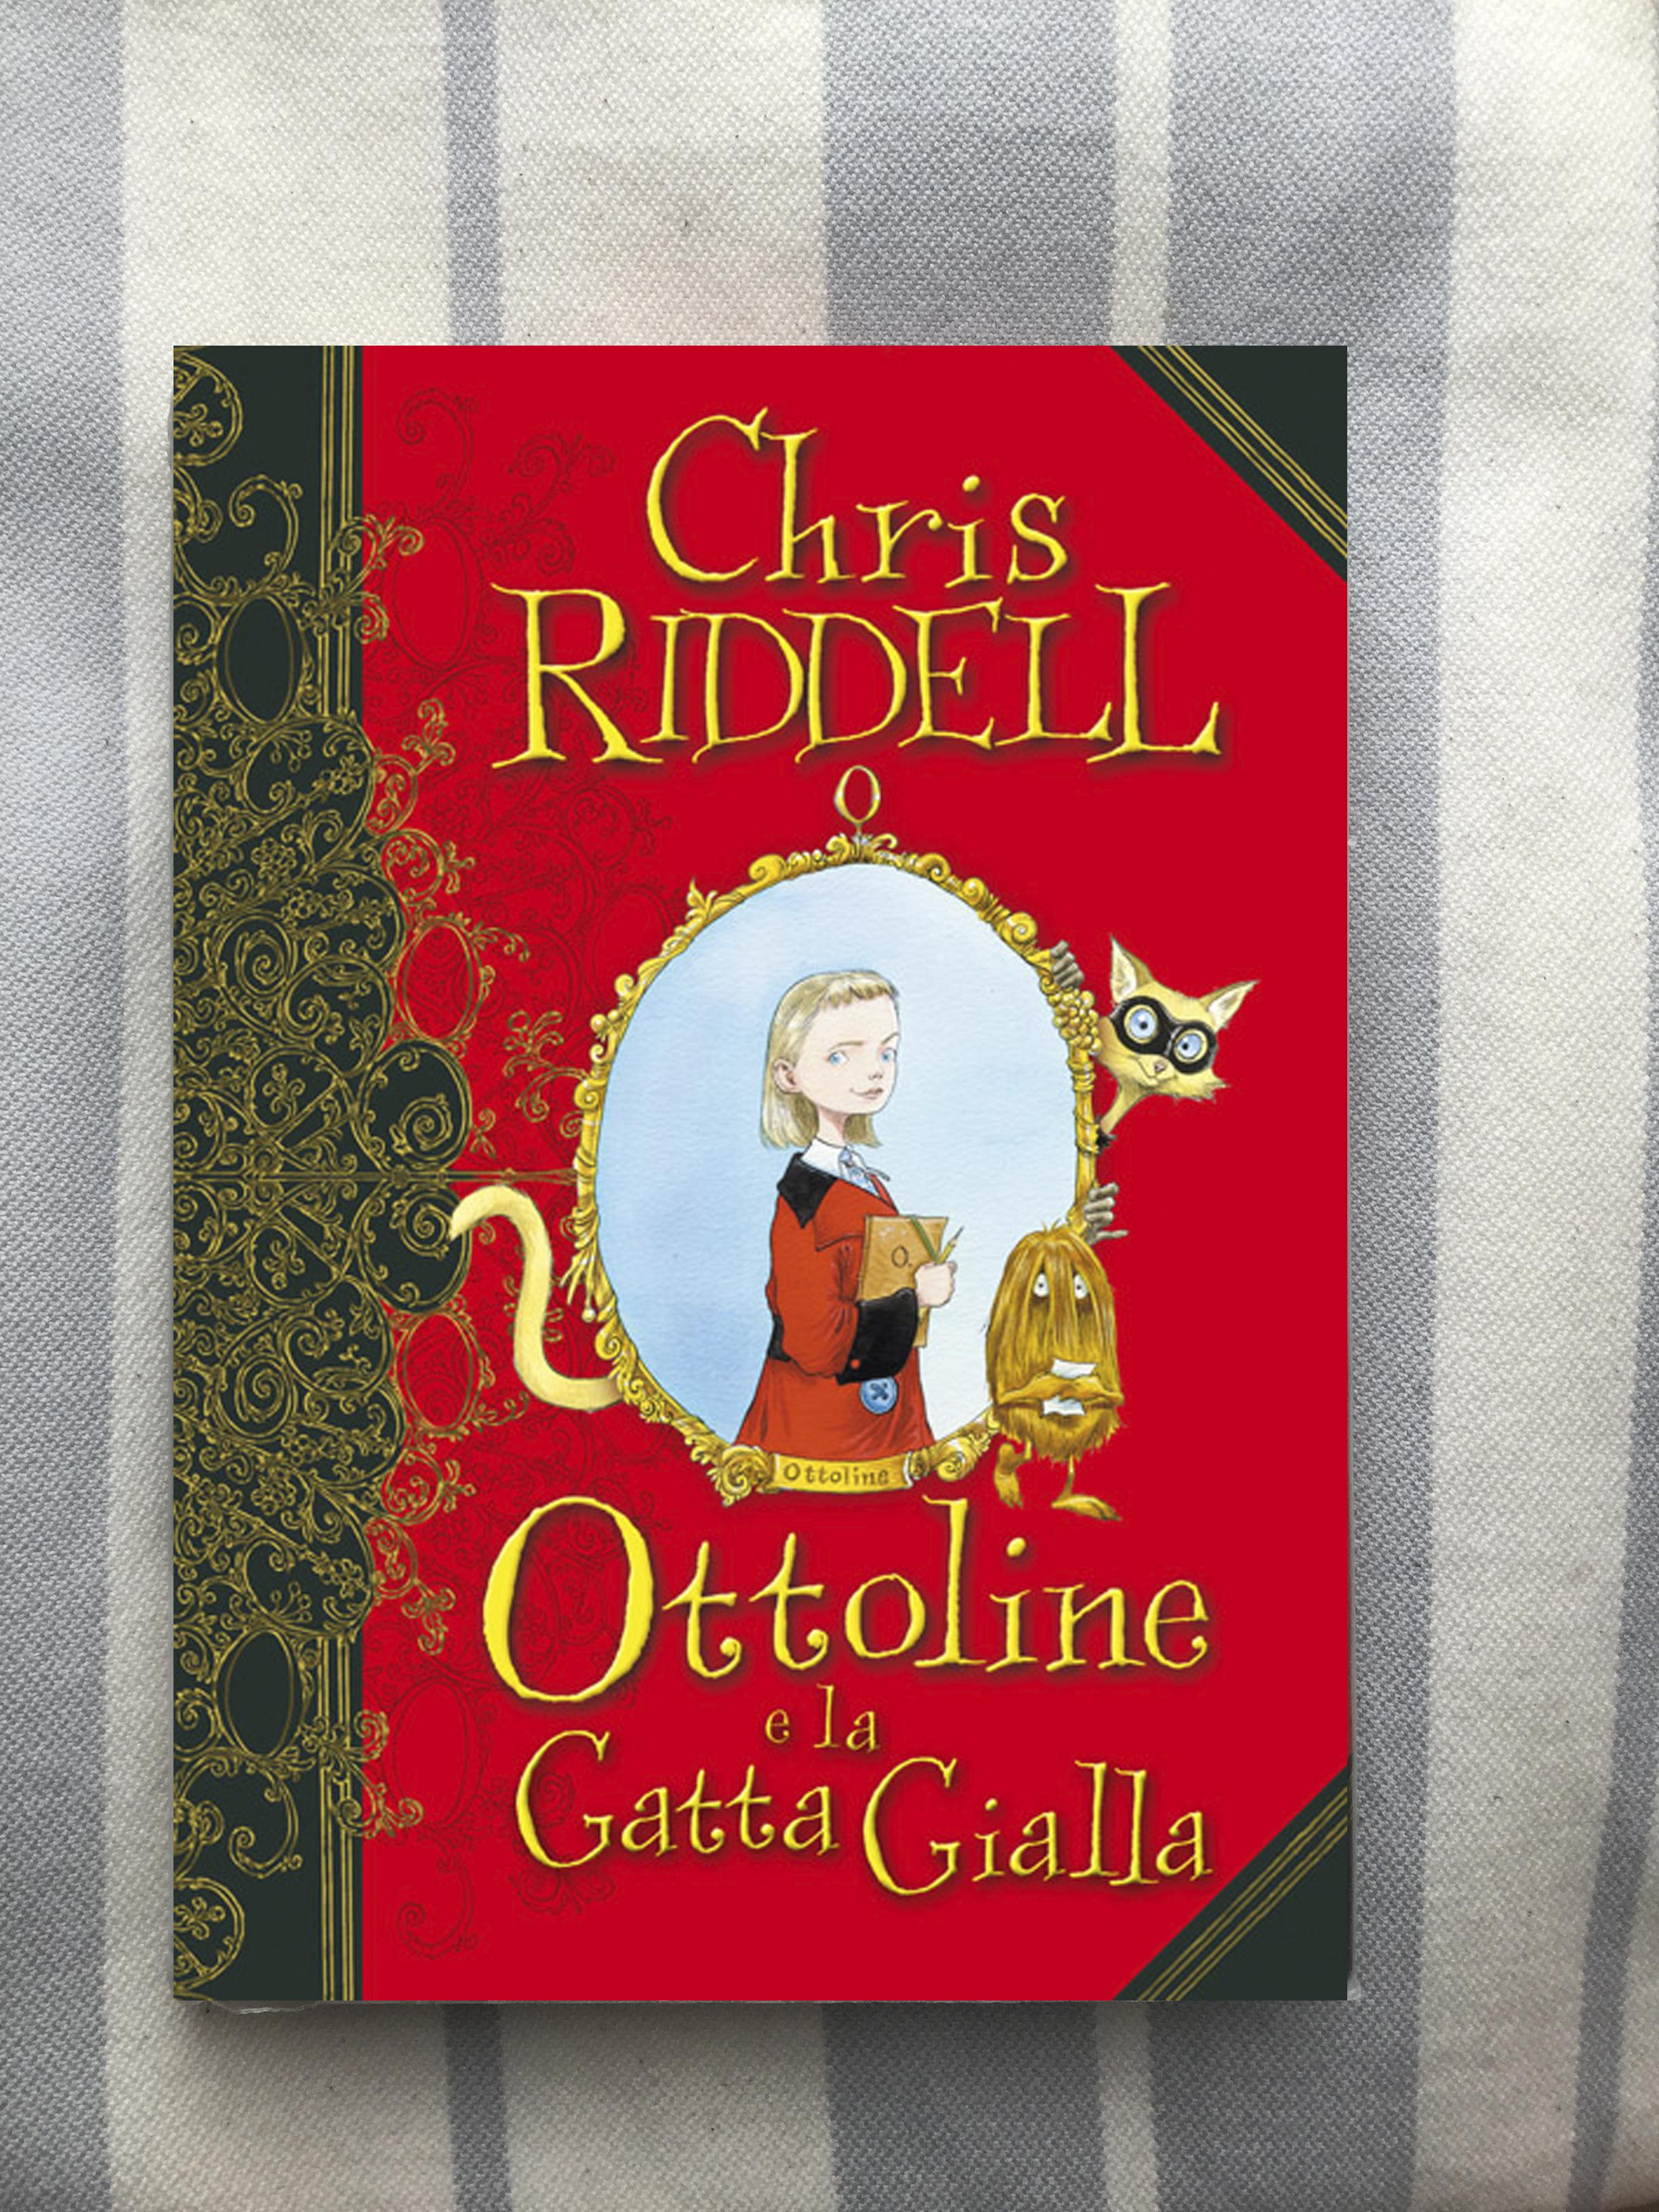 Chris Riddell, Ottoline e la Gatta Gialla, Il Castoro